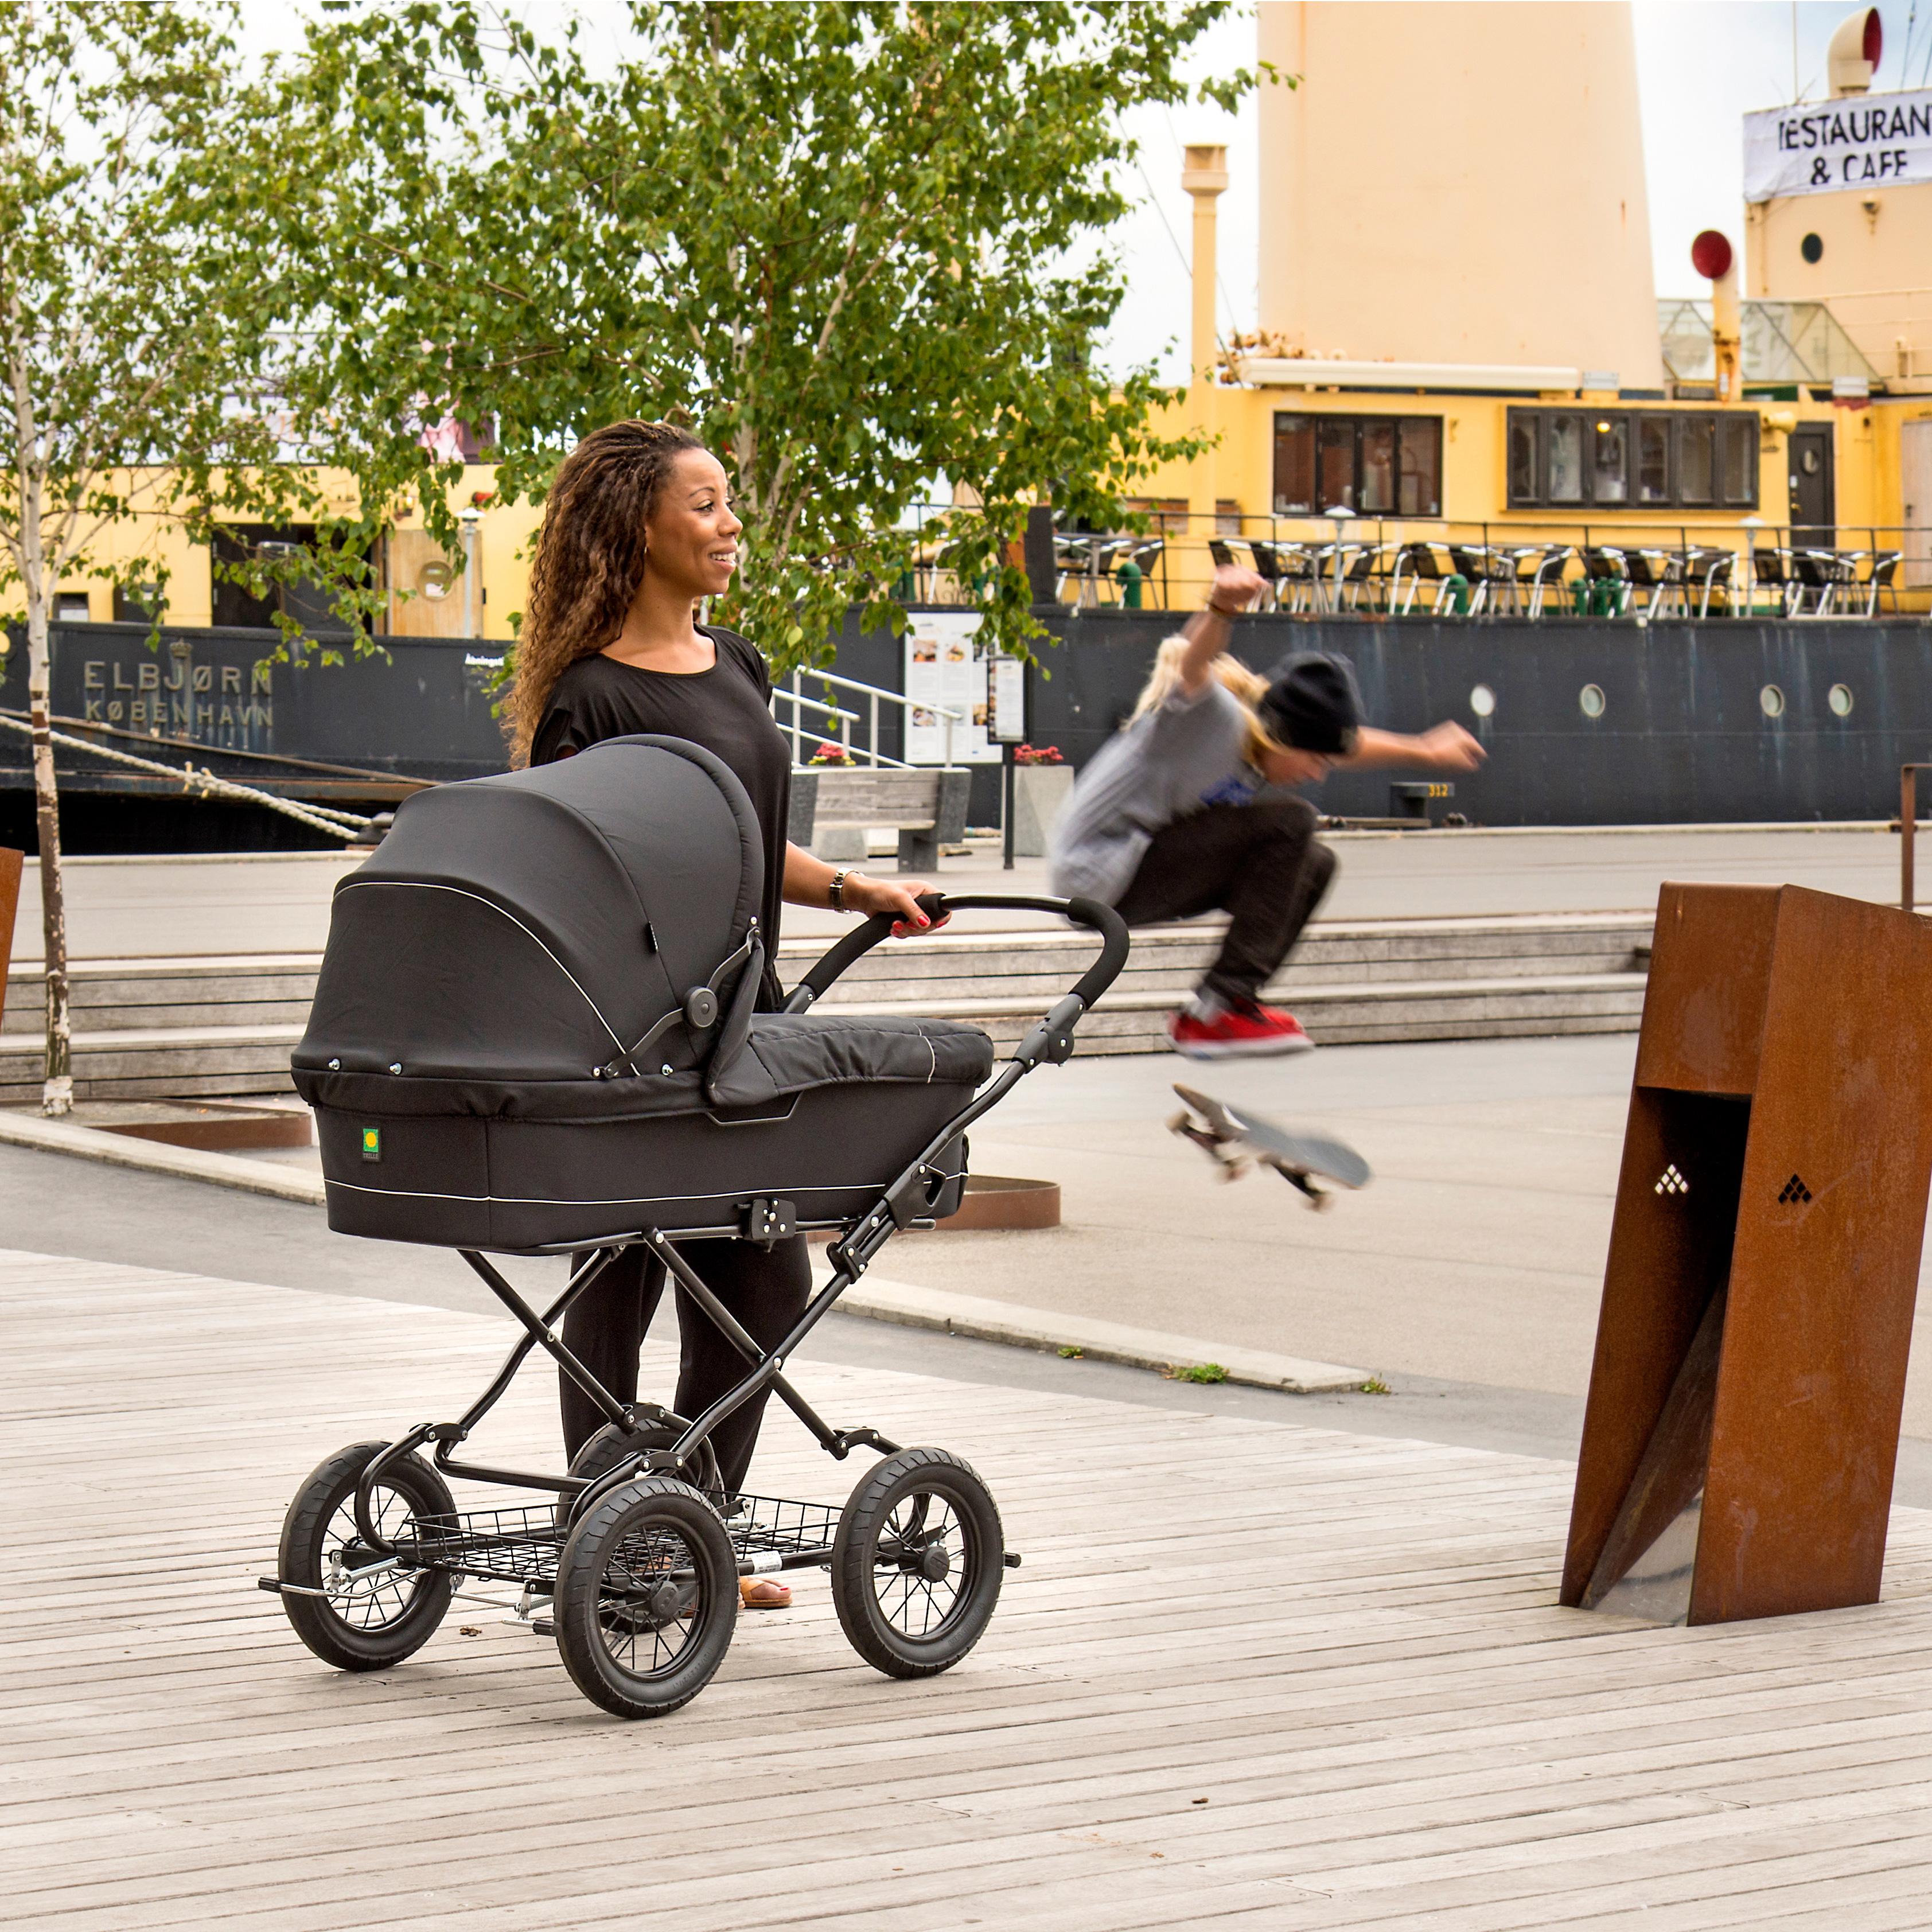 BabyTrold barnevogn - Cozy - Sort Kvalitetsvogn med lift og pusletaske -  Coop.dk 602ea46769c89